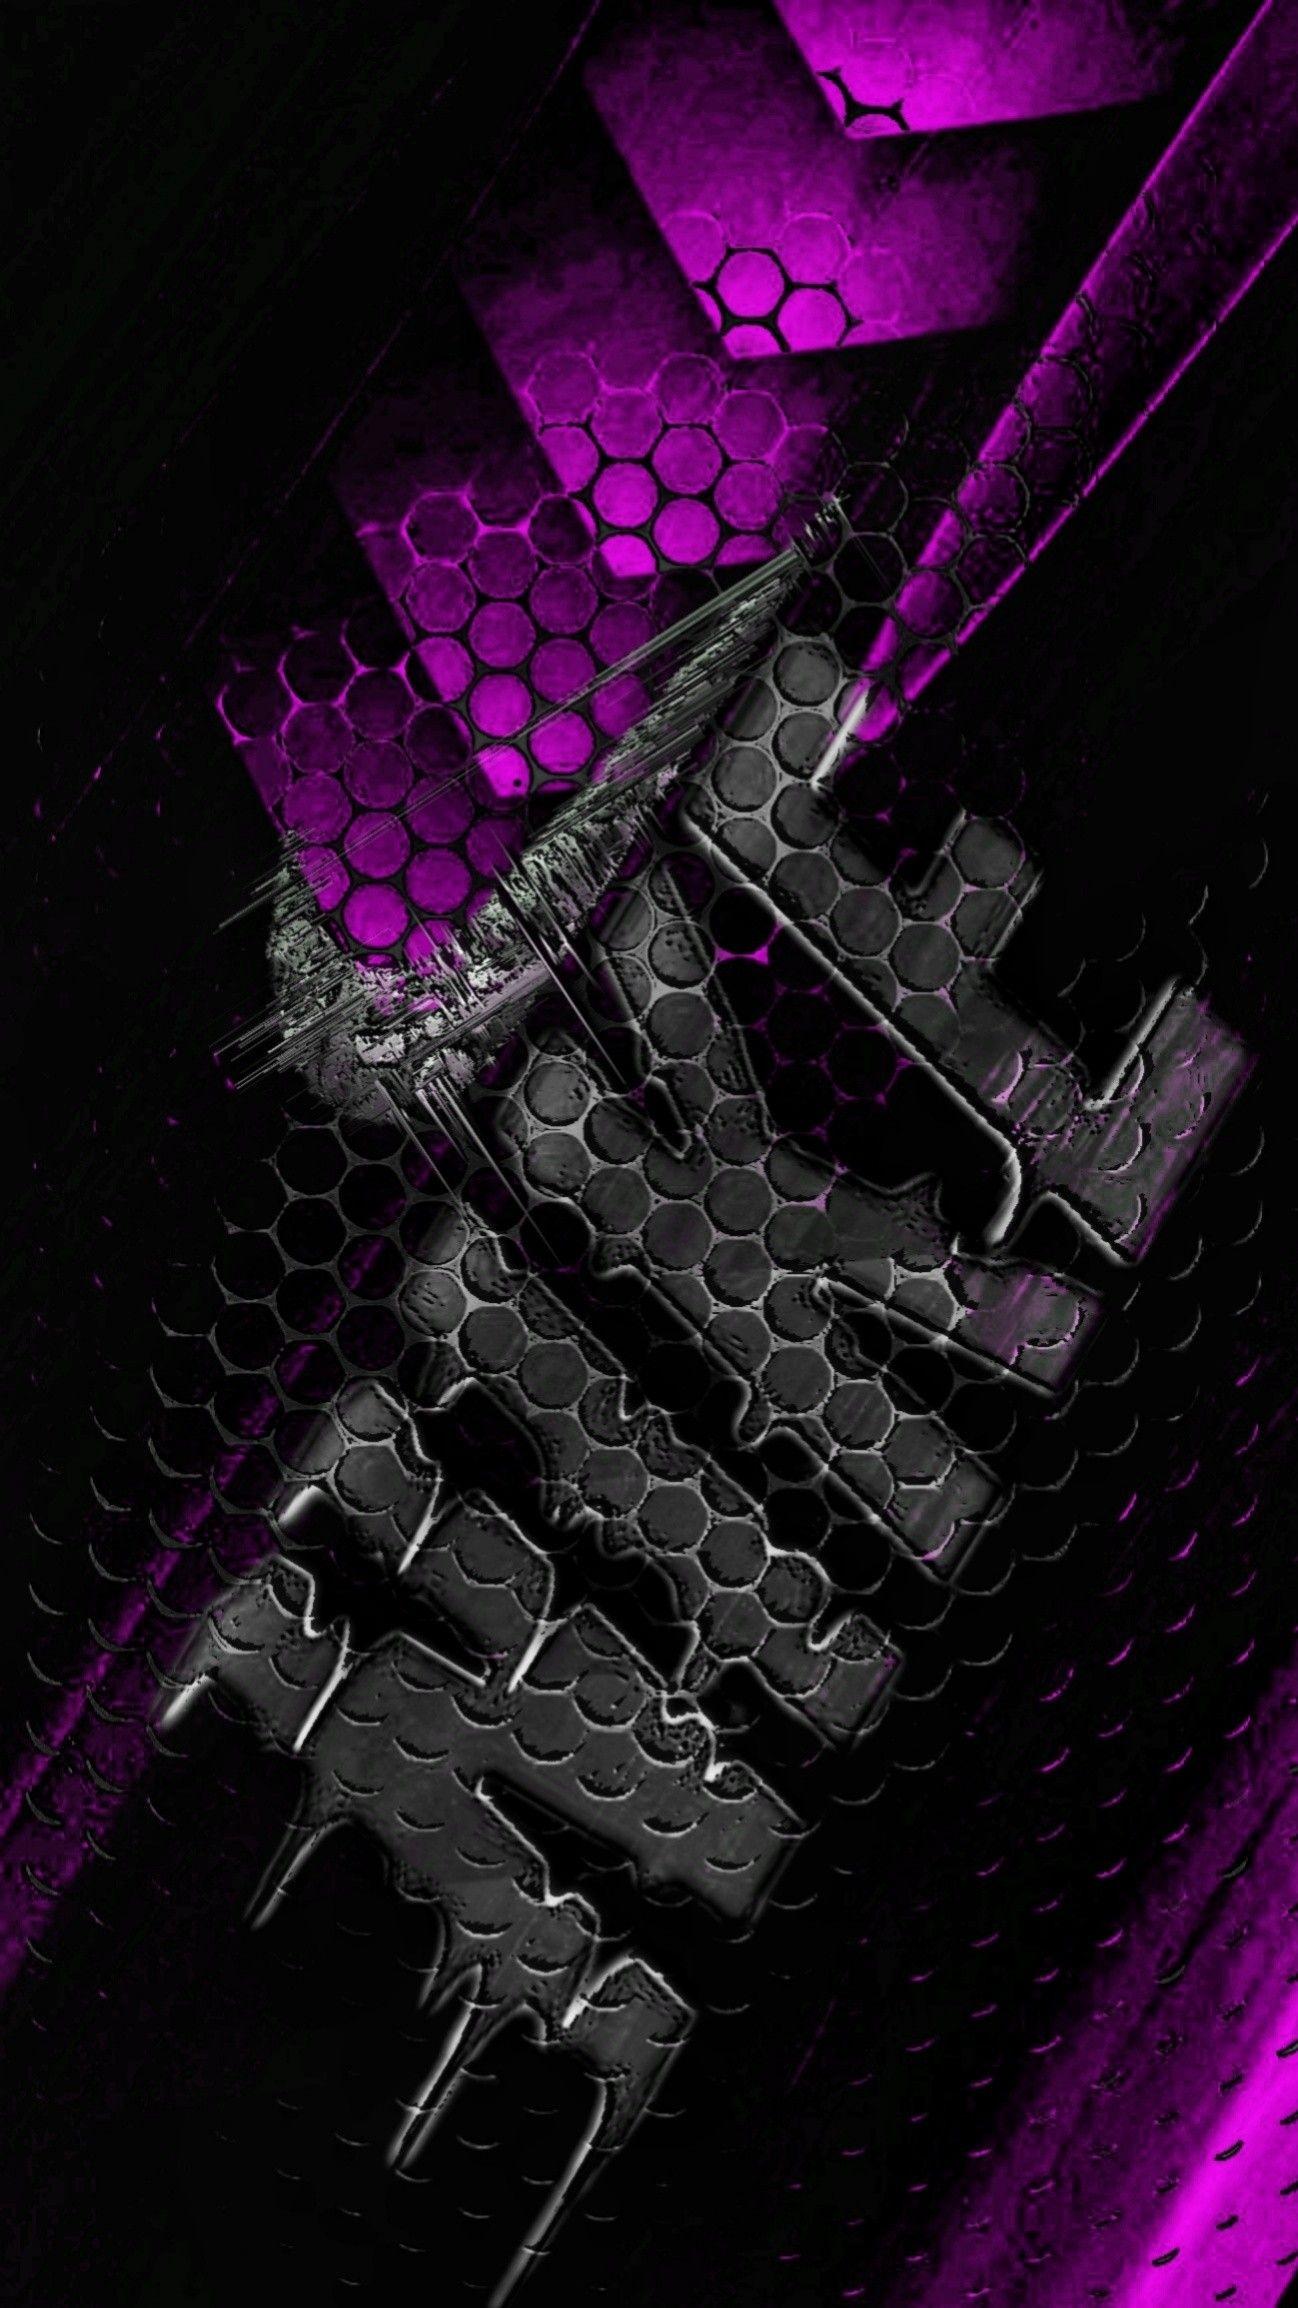 Pin by Gabriel Pruitt on Nike wallpaper in 2020 Jordan